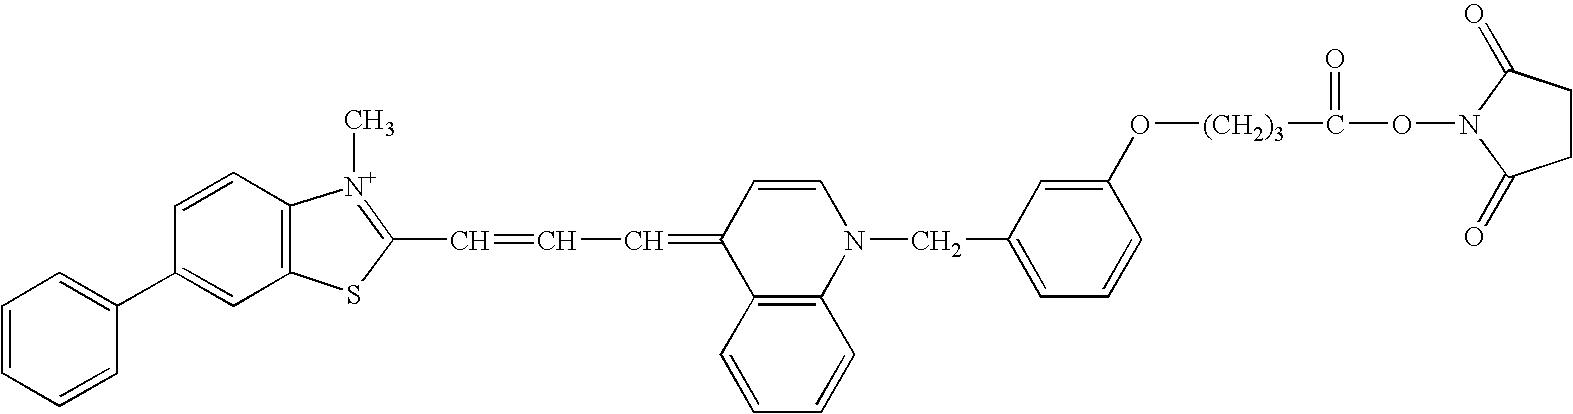 Figure US20100143917A1-20100610-C00108